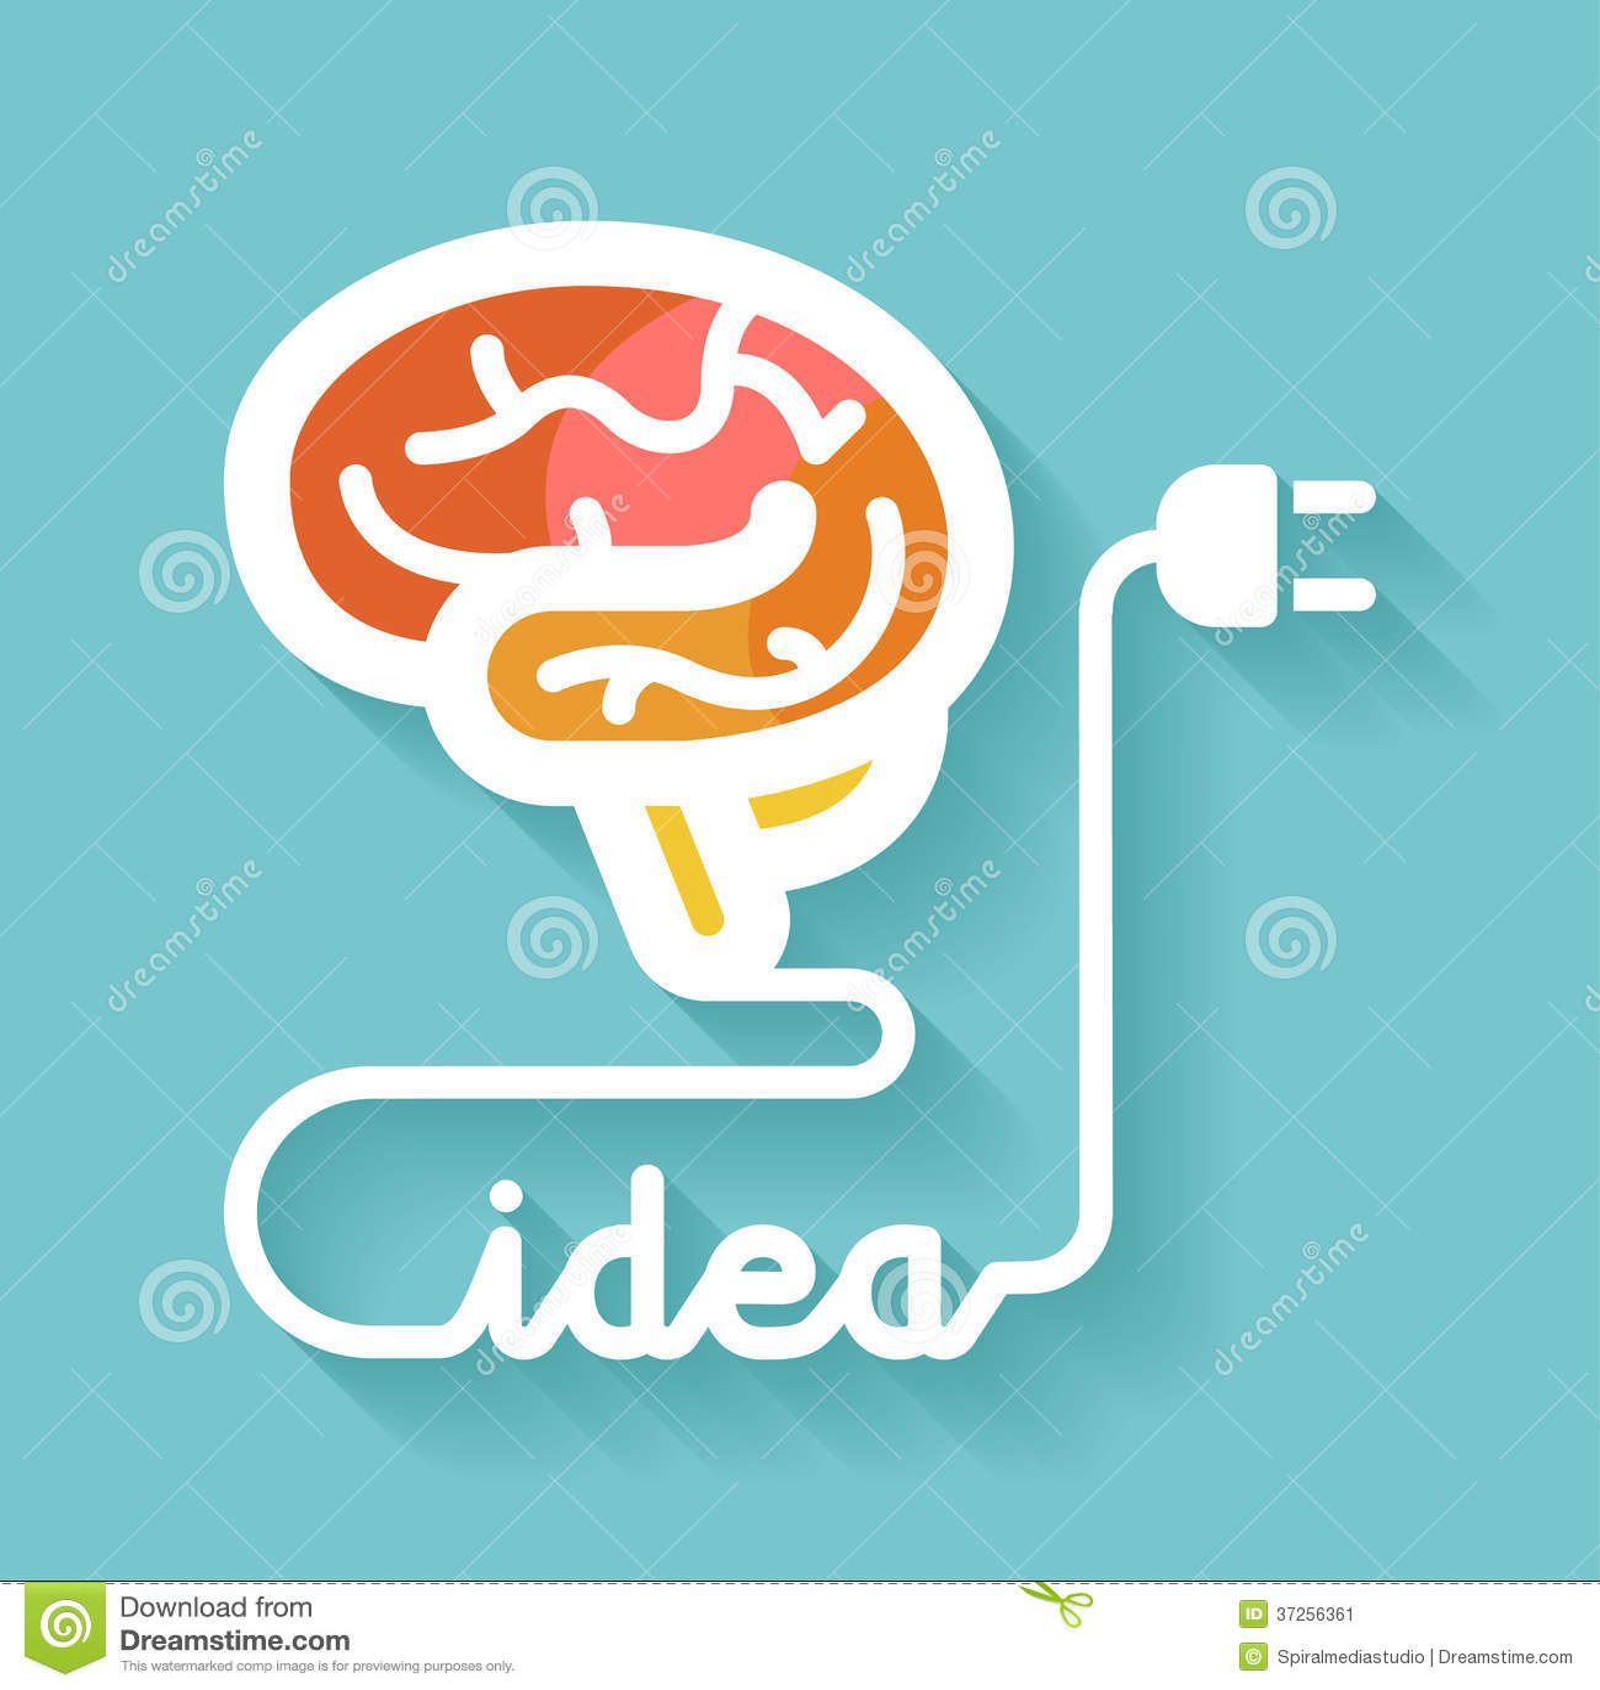 Cerebro e idea